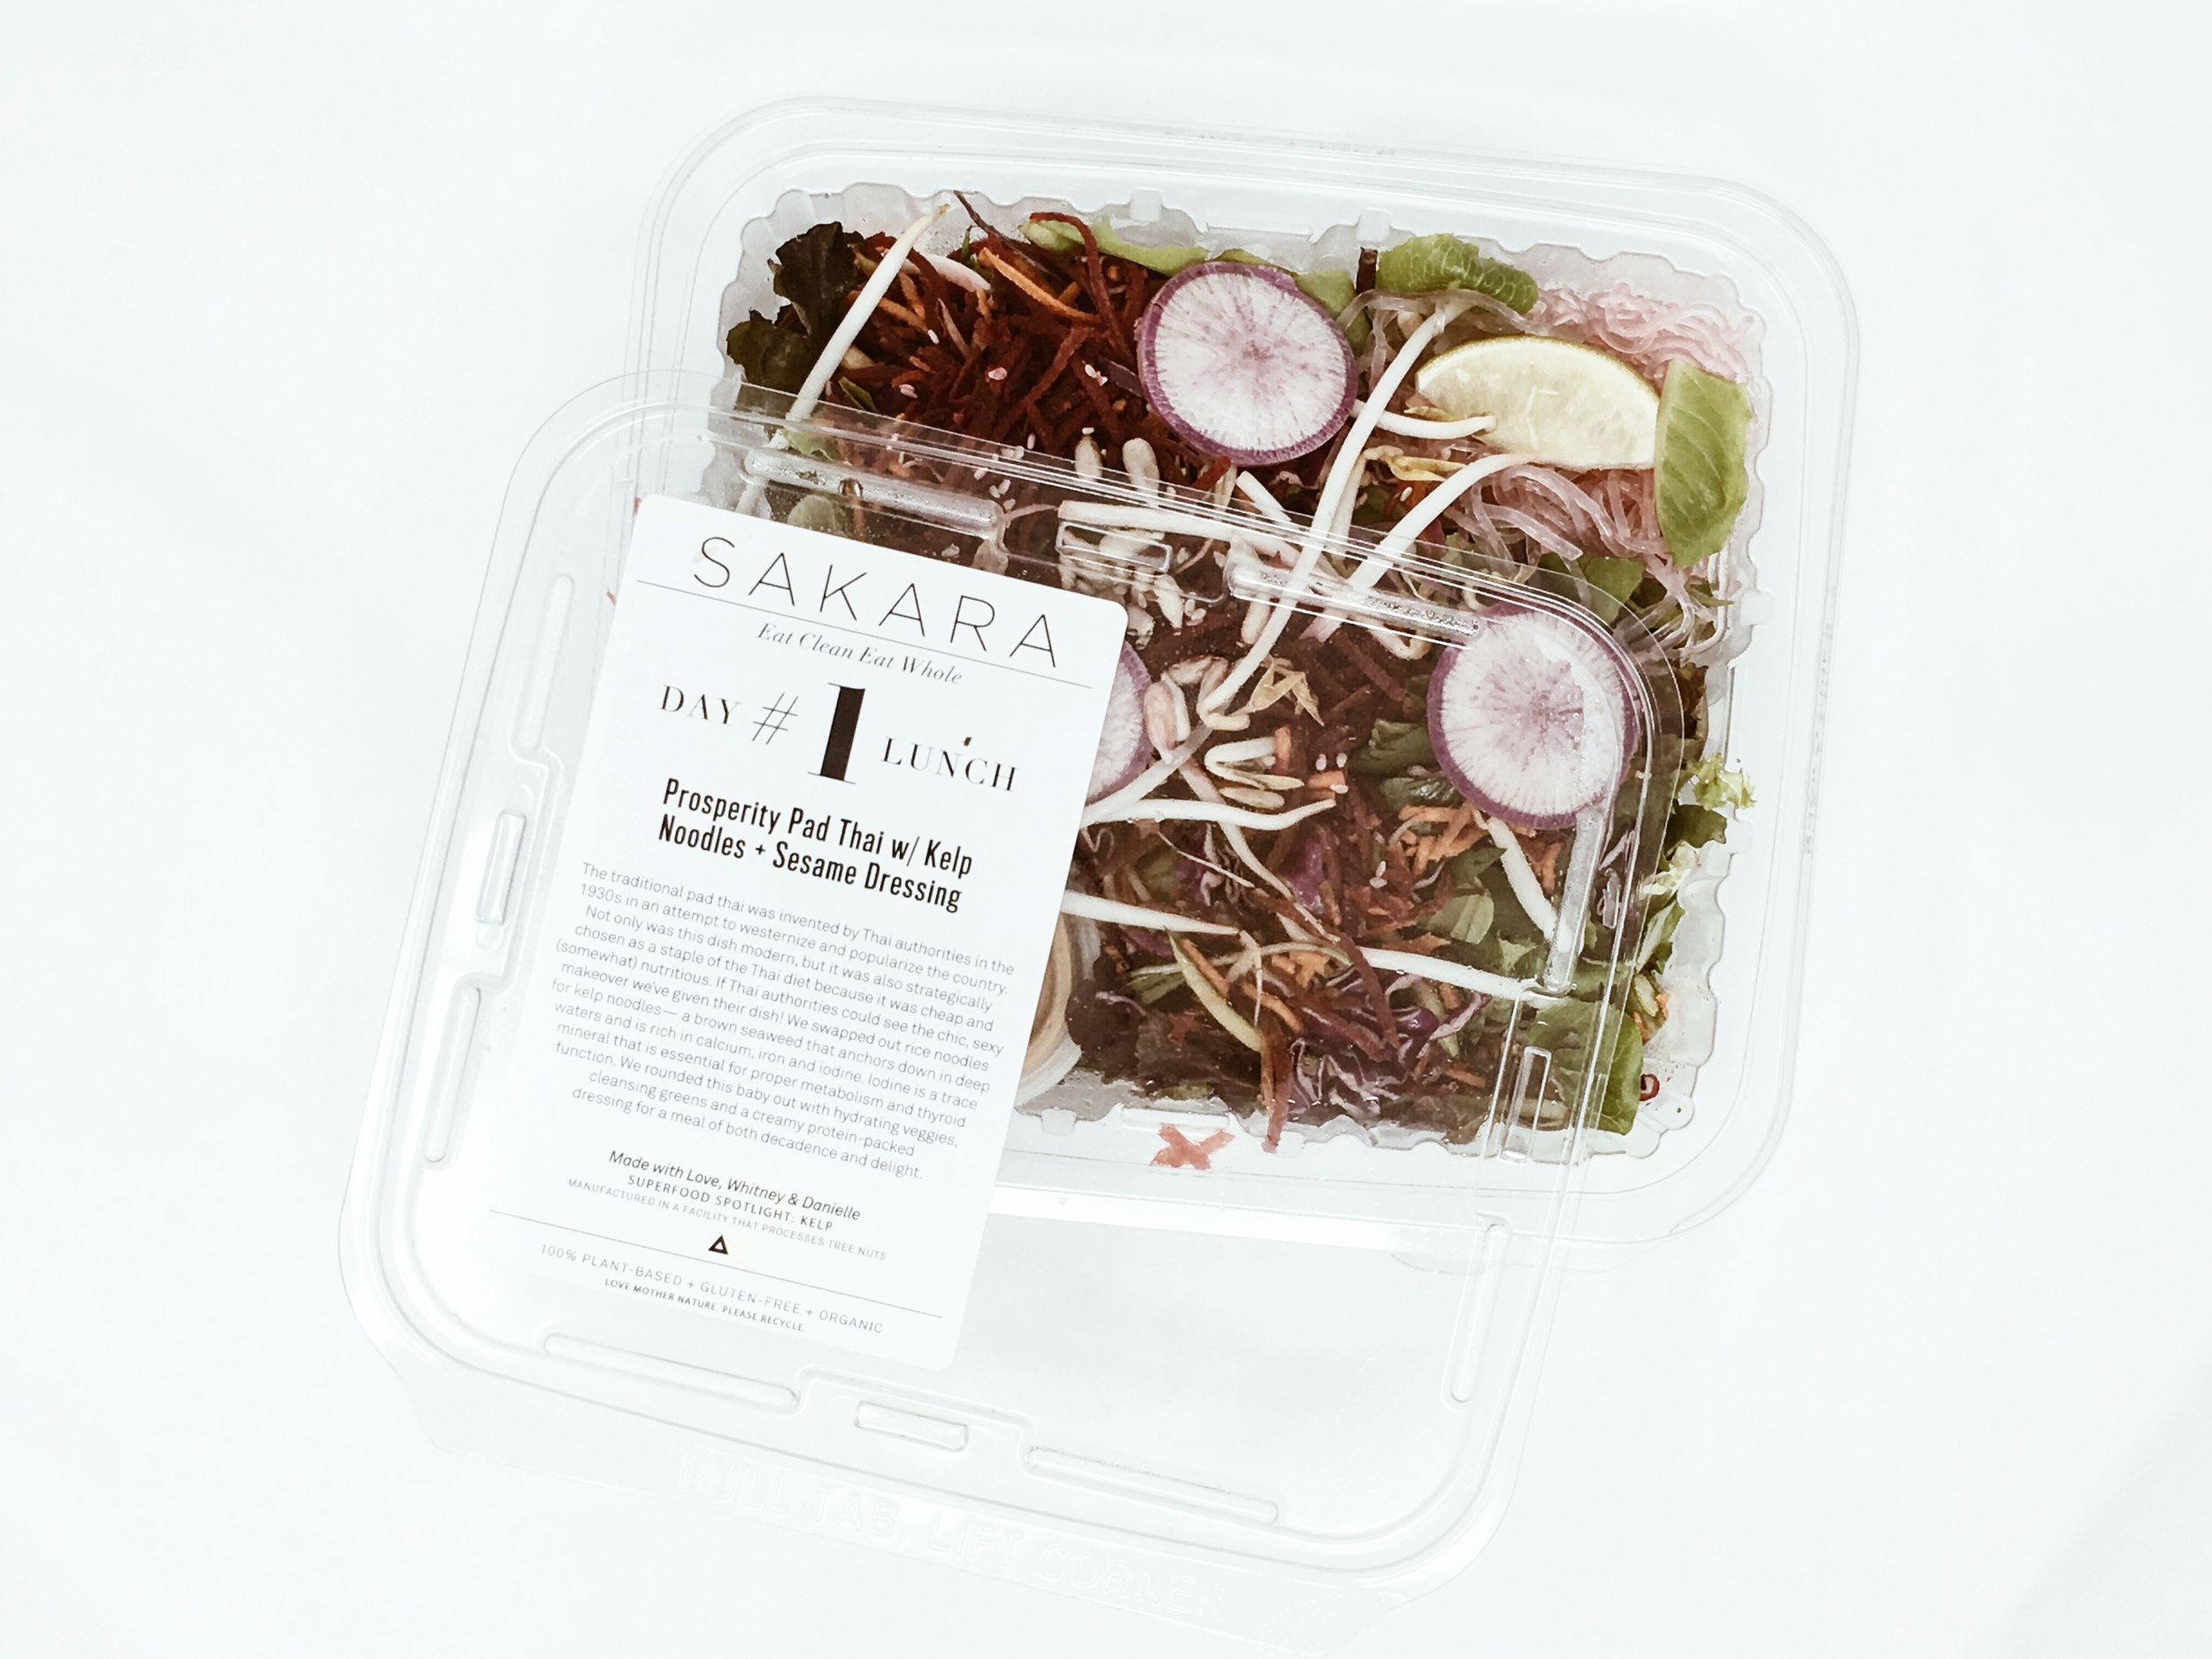 sakara eat clean eat whole